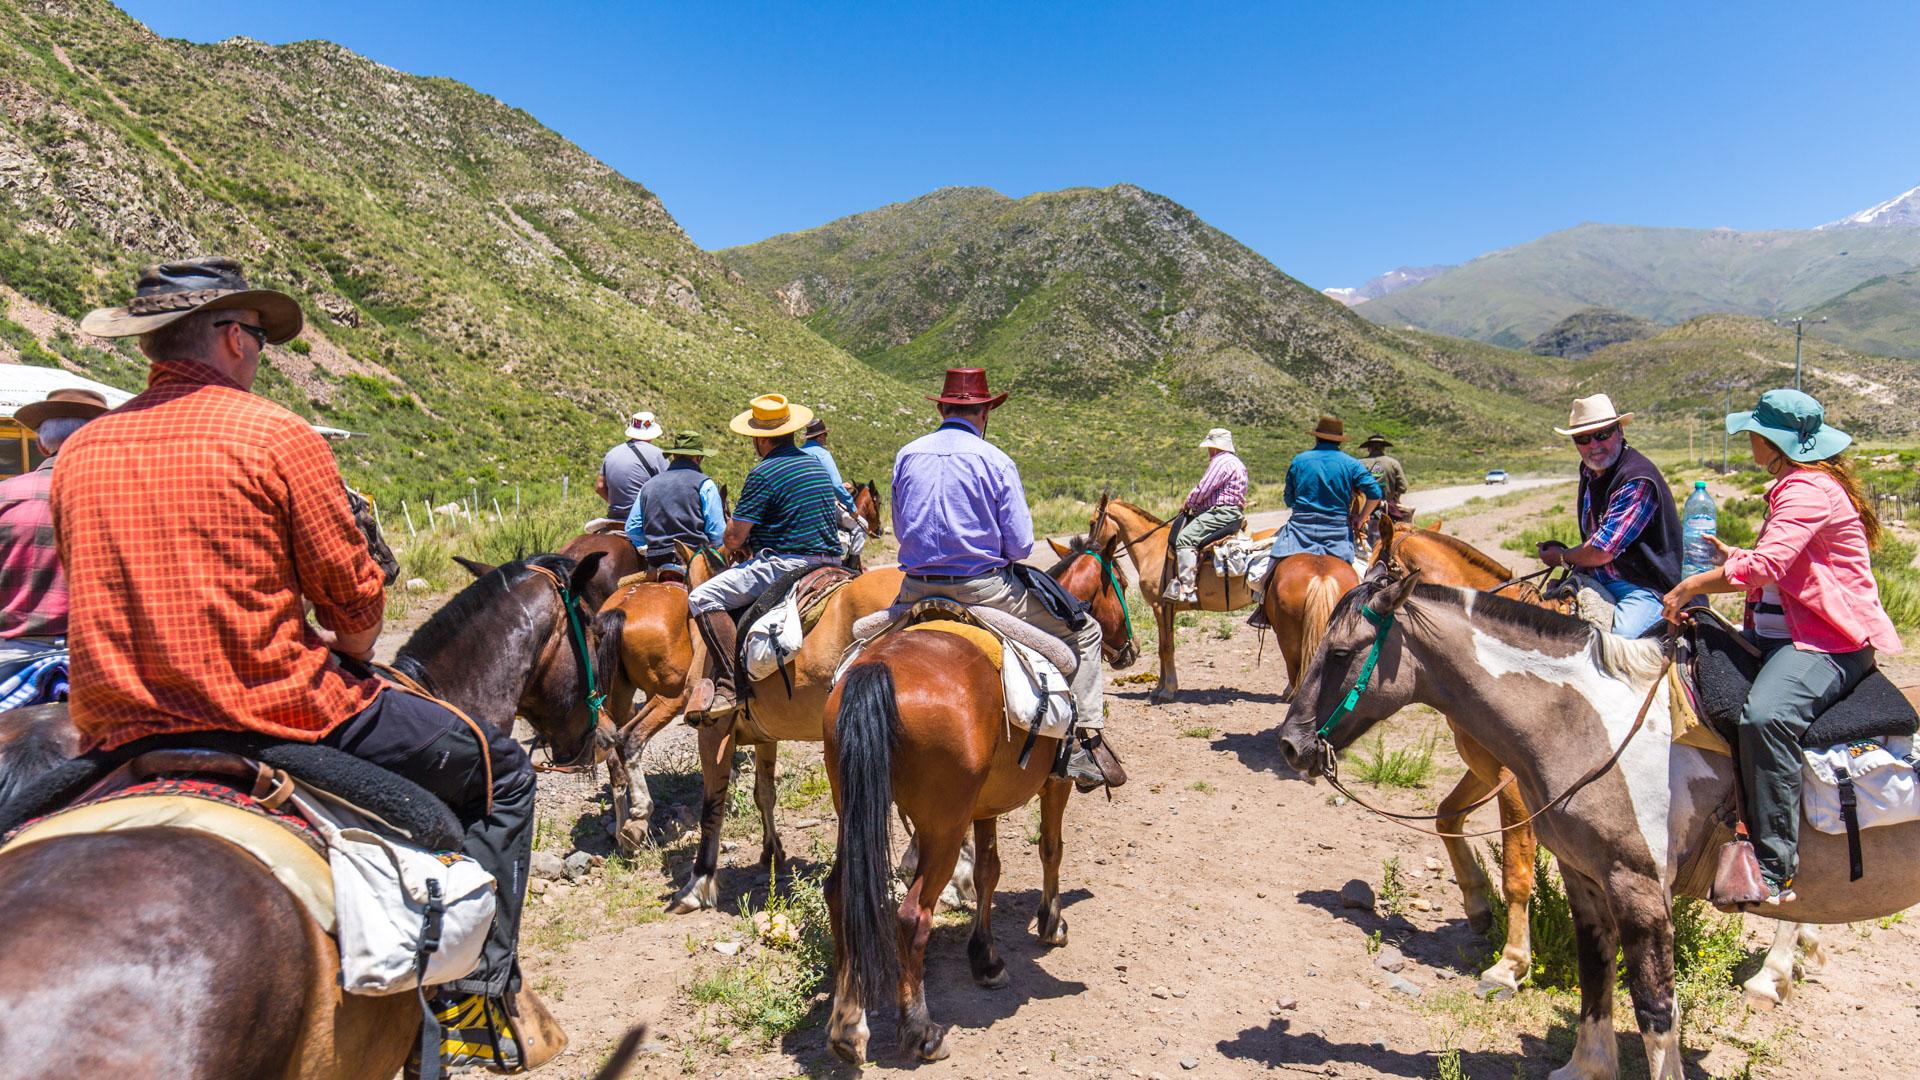 Tunuyan początek Cruce de los Andes